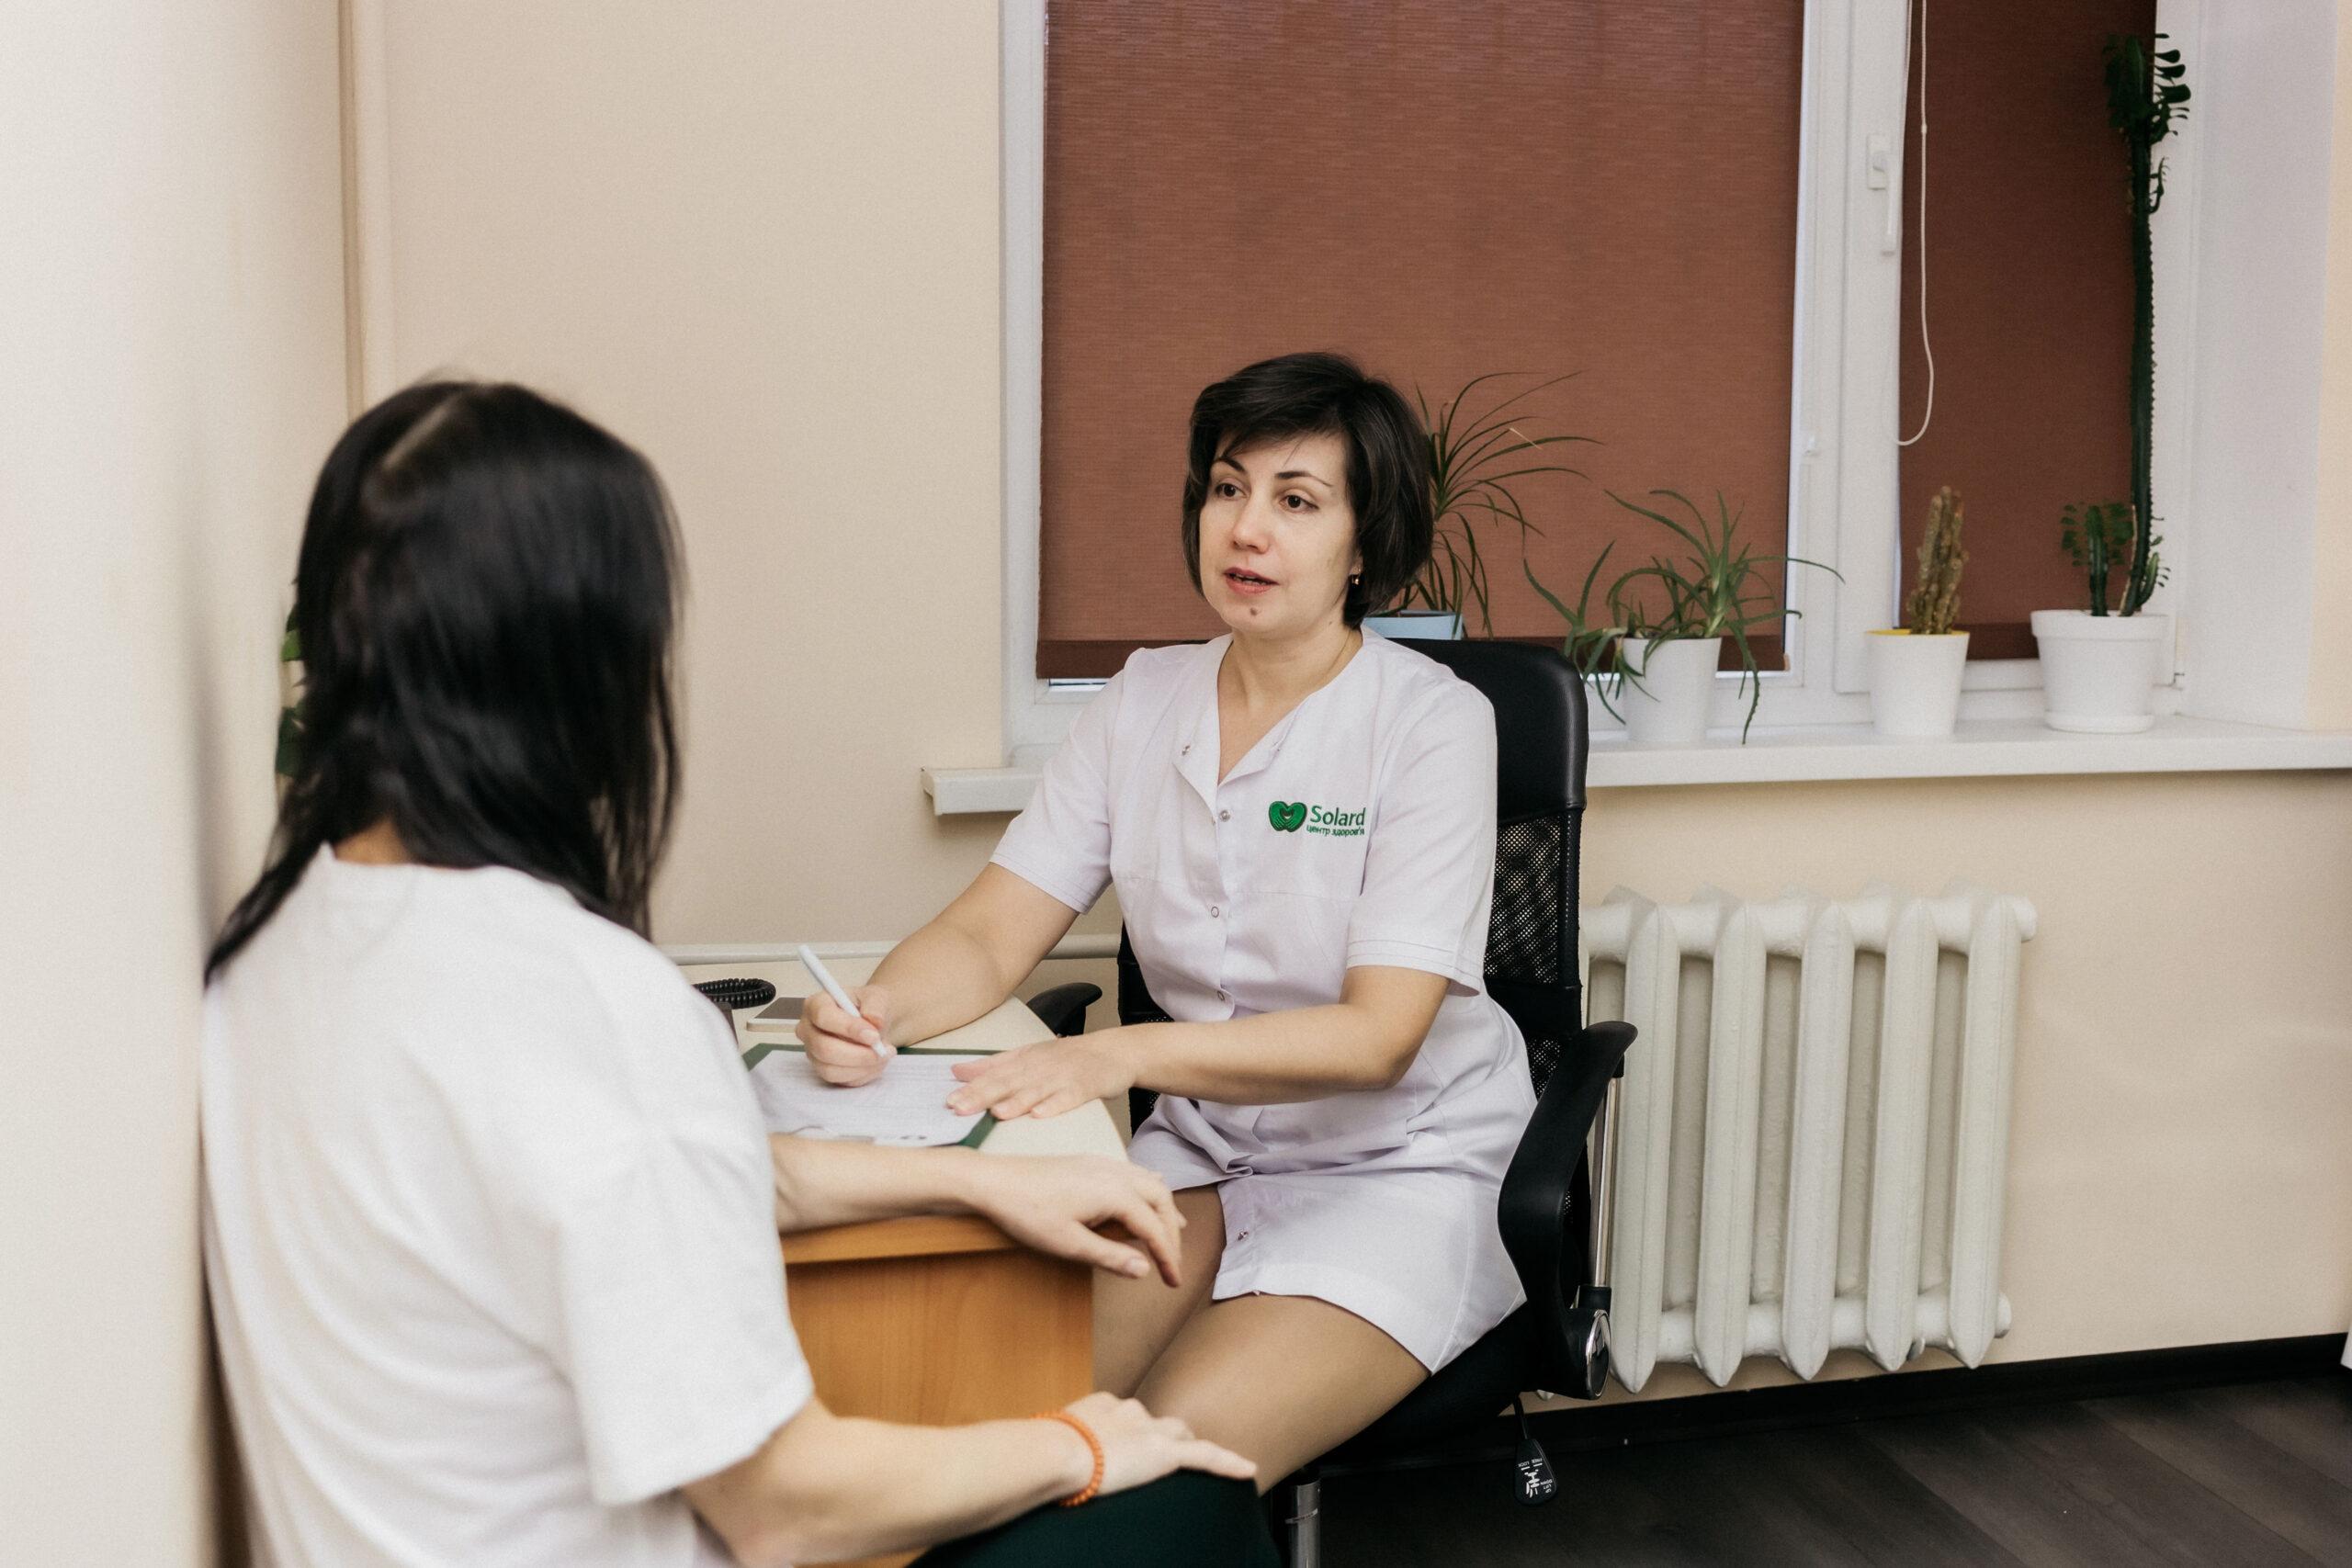 Центр здоров'я Solard - Боль в грудном отделе - 5